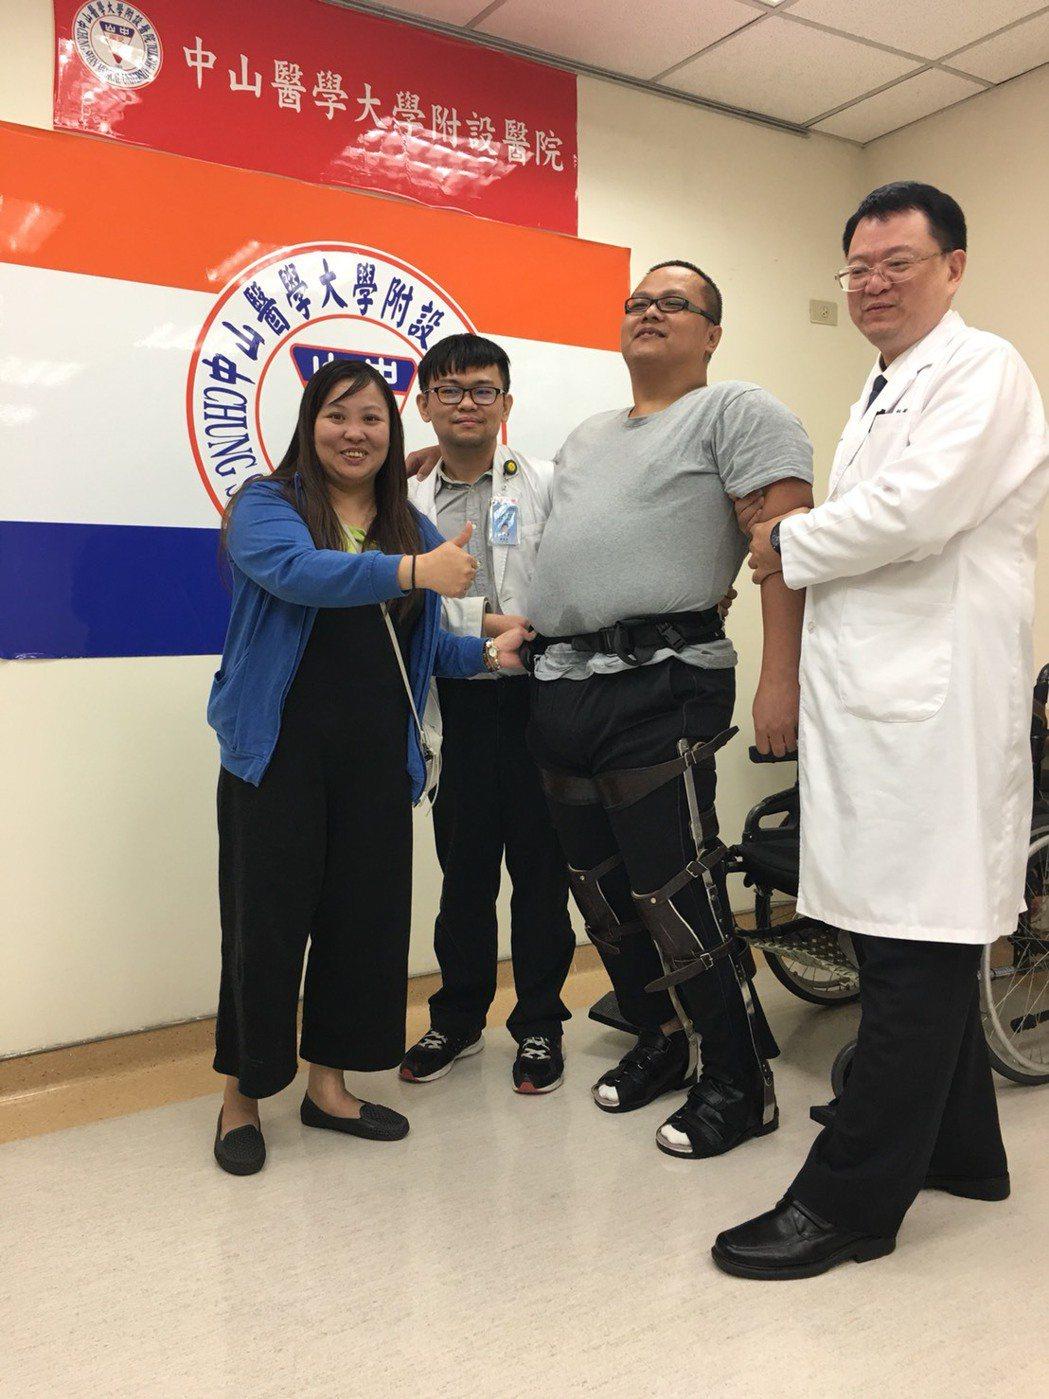 重達百餘公斤的林男(右2)接受腹針治療後,已可在雙腳穿著助行器下走上100多公尺...